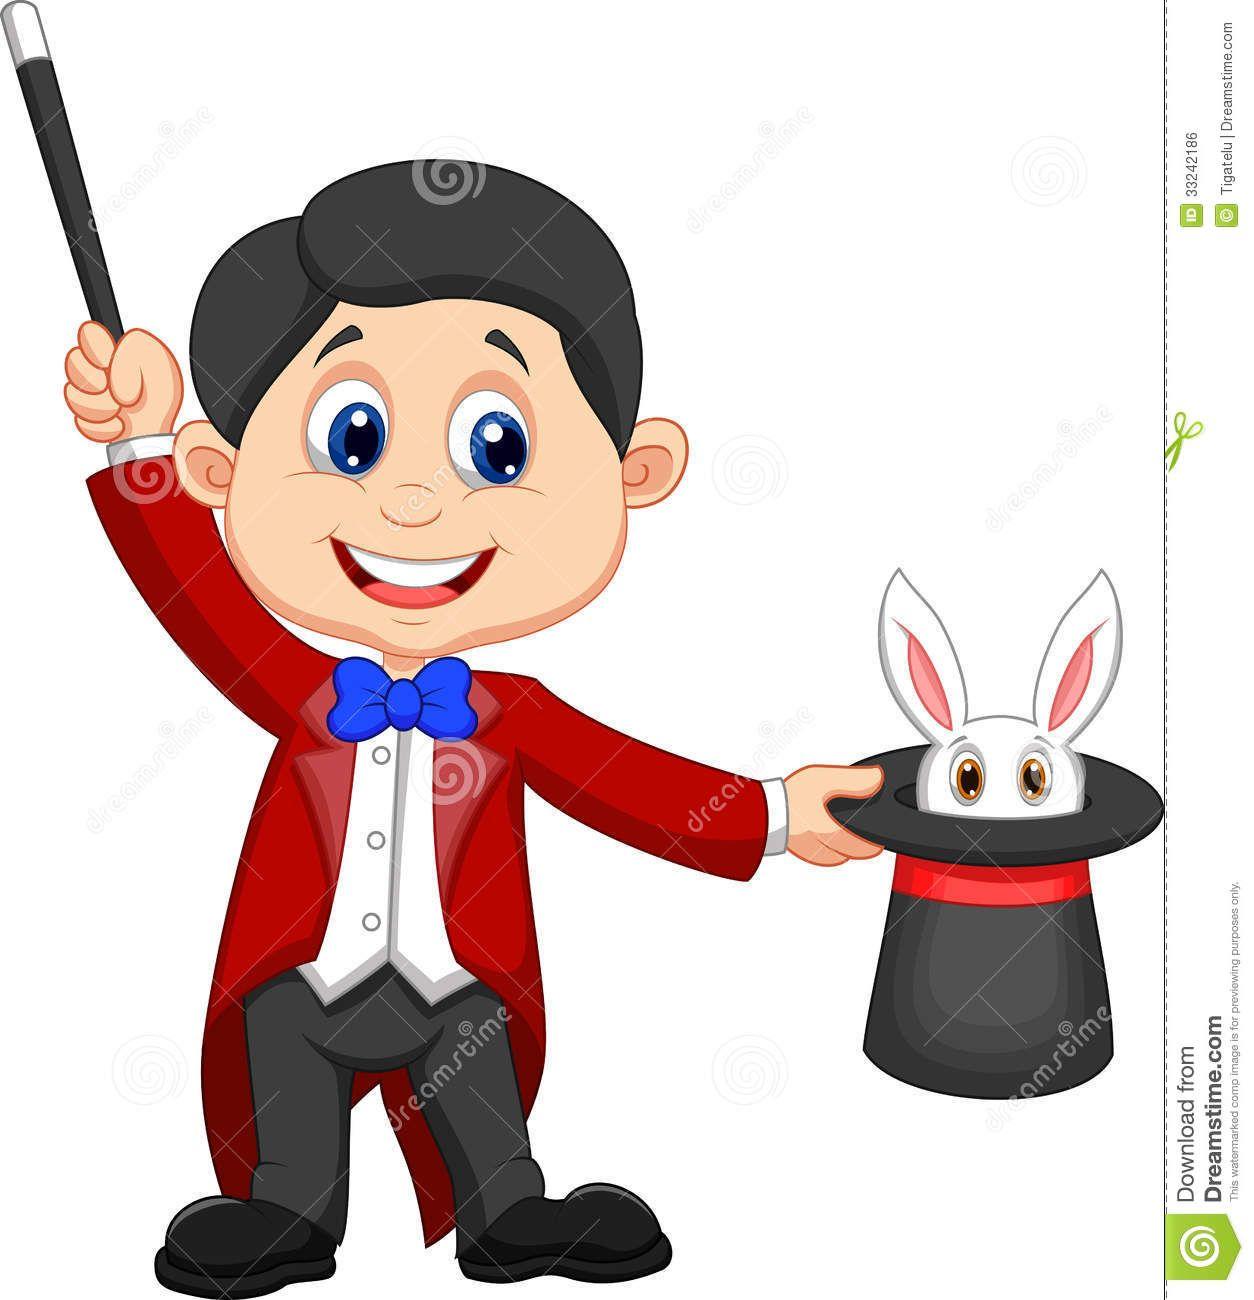 Magician clipart magicien. A holding top hat